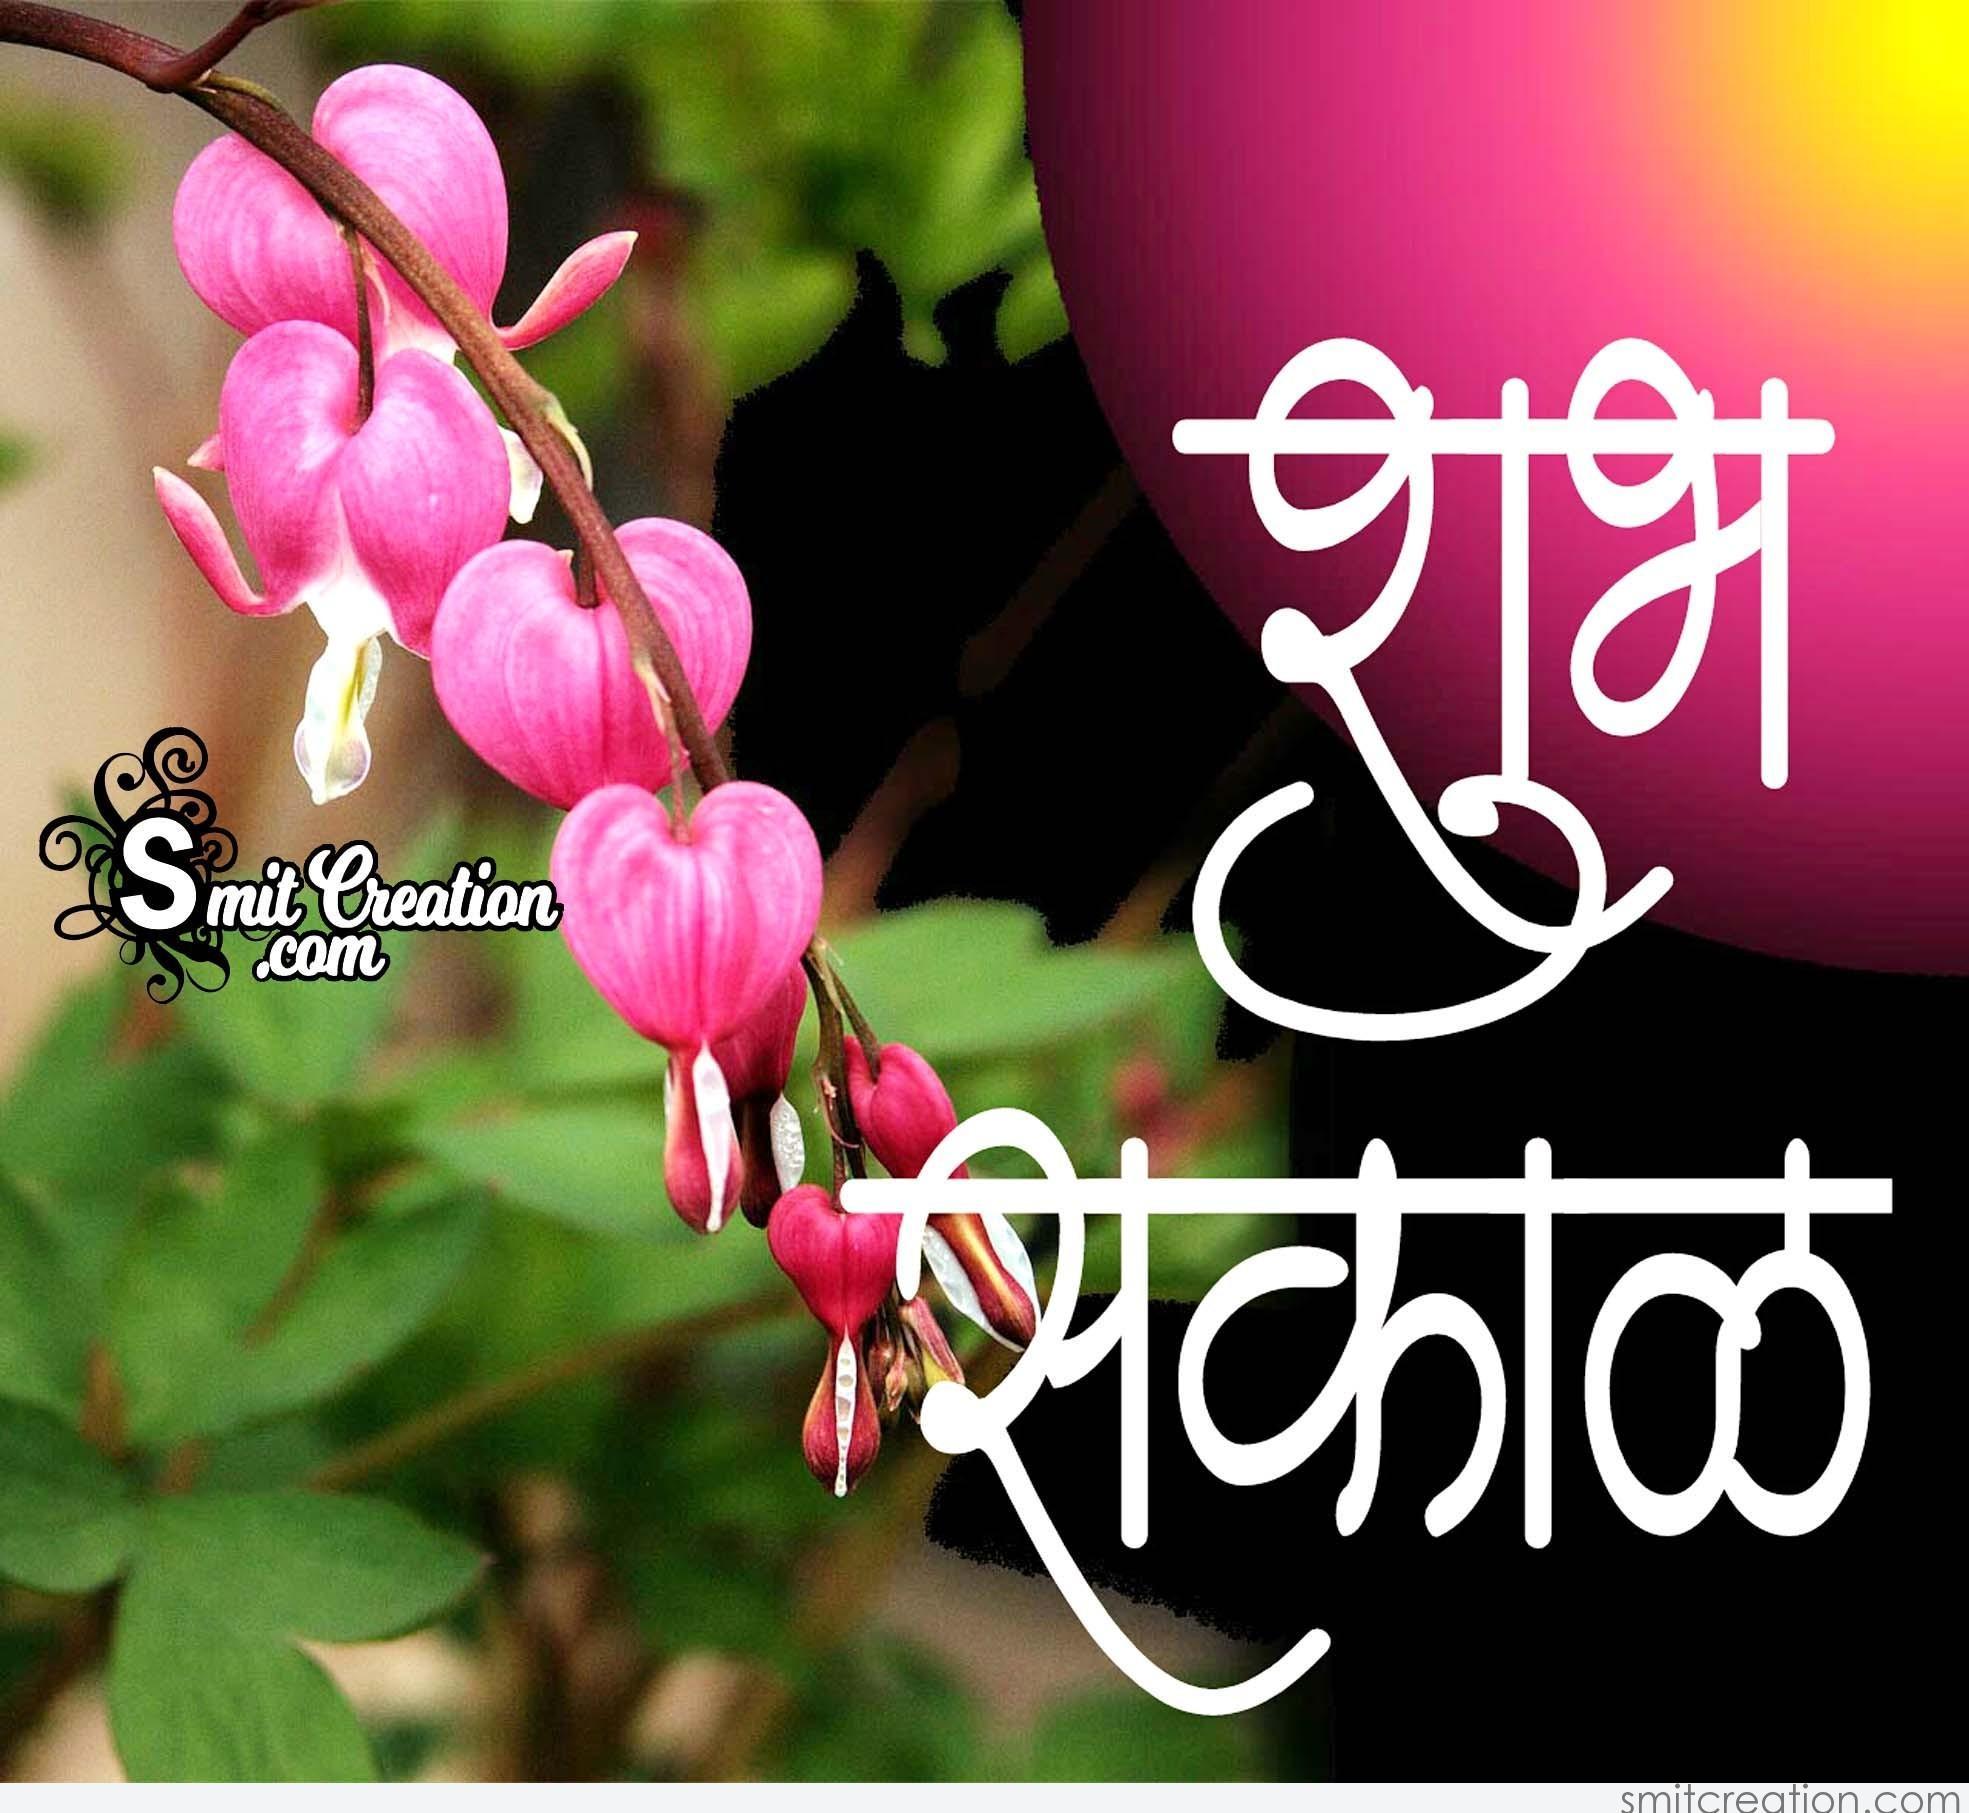 Shubh Sakal Marathi Pictures